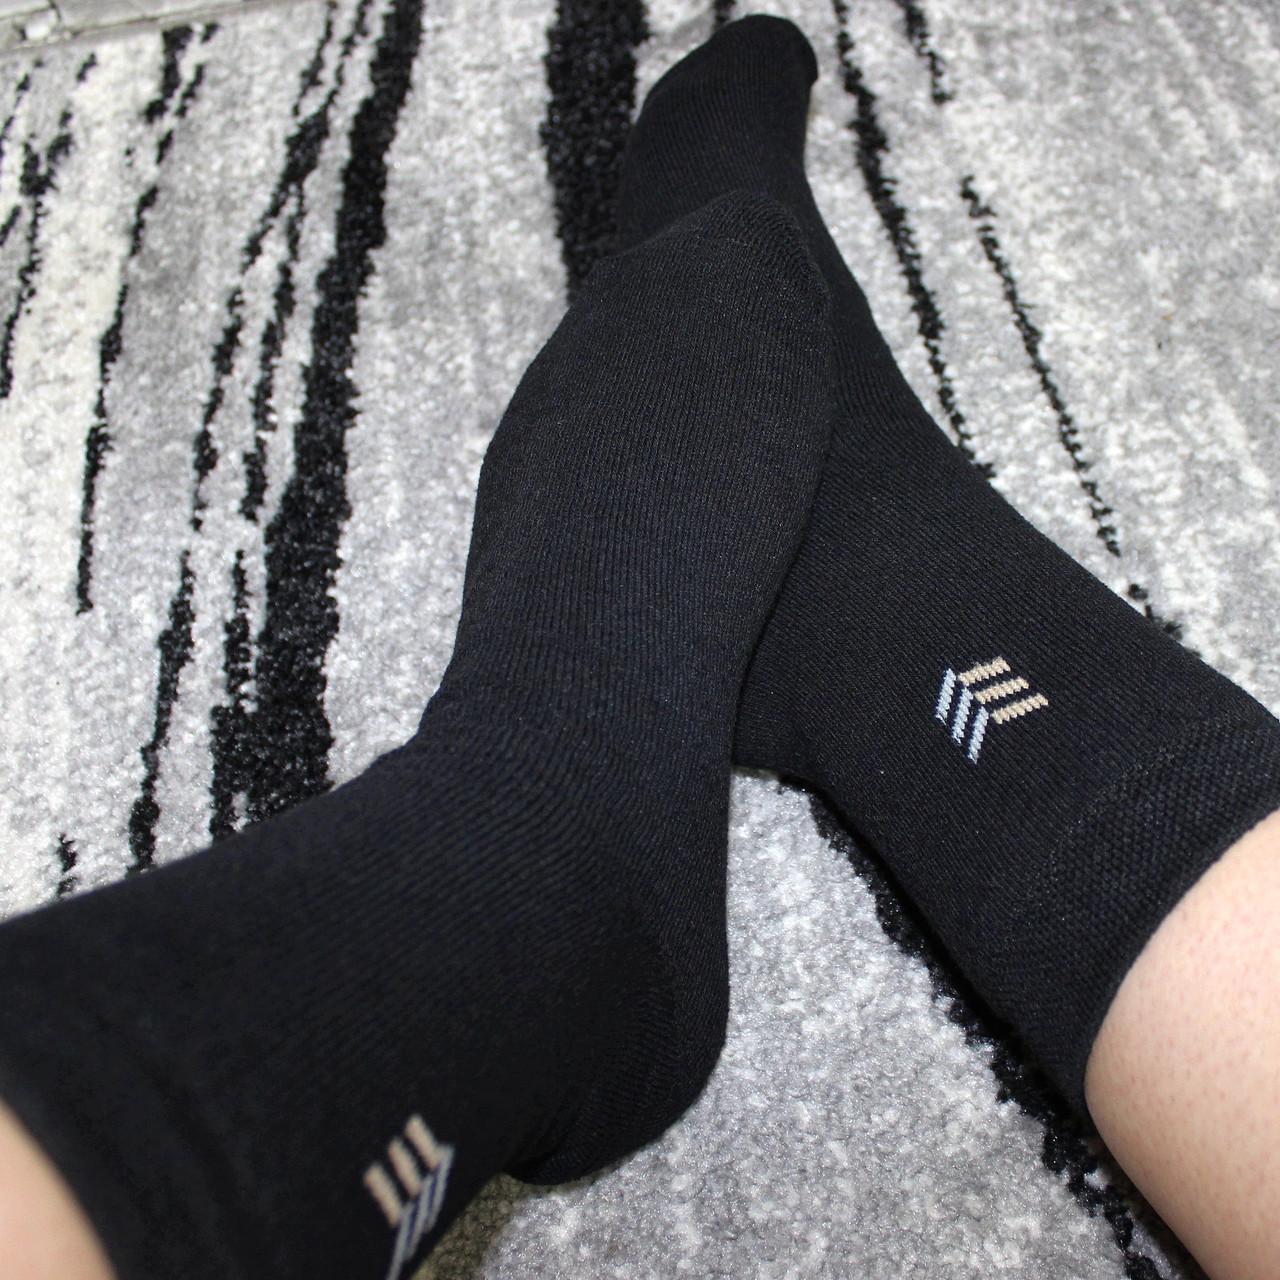 Носки махровые мужские Камис Классик (В упаковке 10 пар)р-р 29